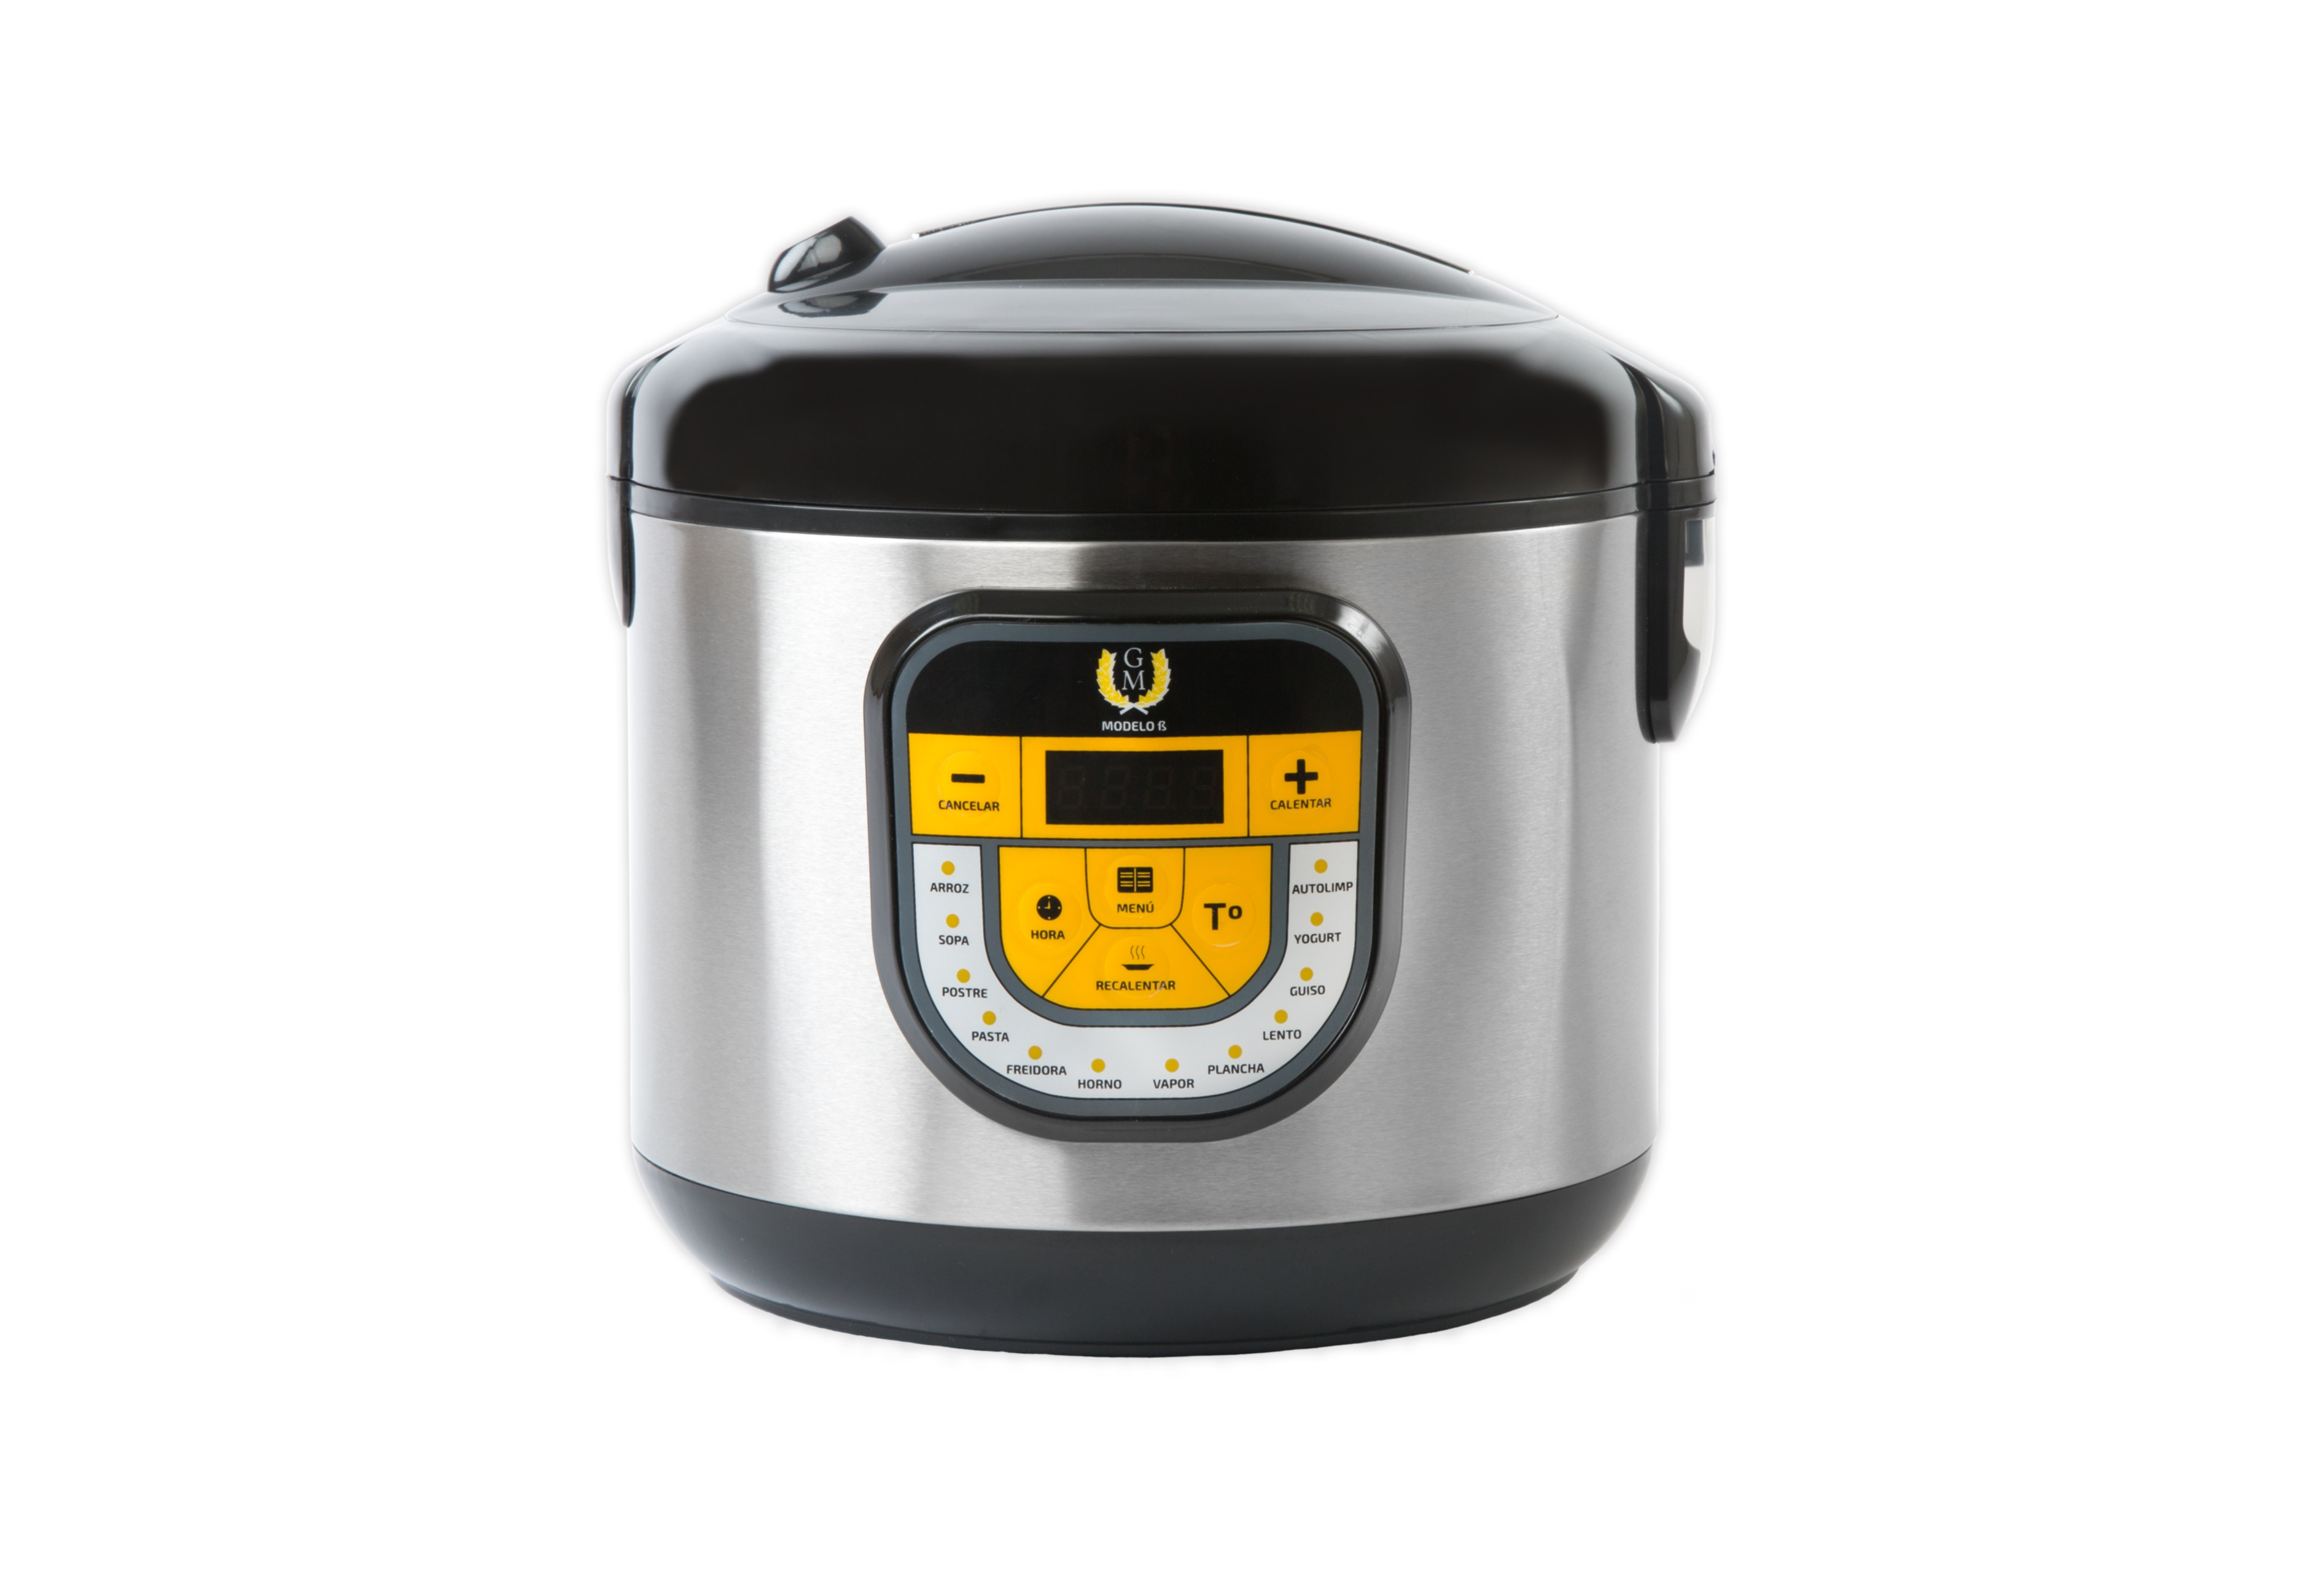 Robot de cocina modelo beta ollas gm - Que hace un robot de cocina ...